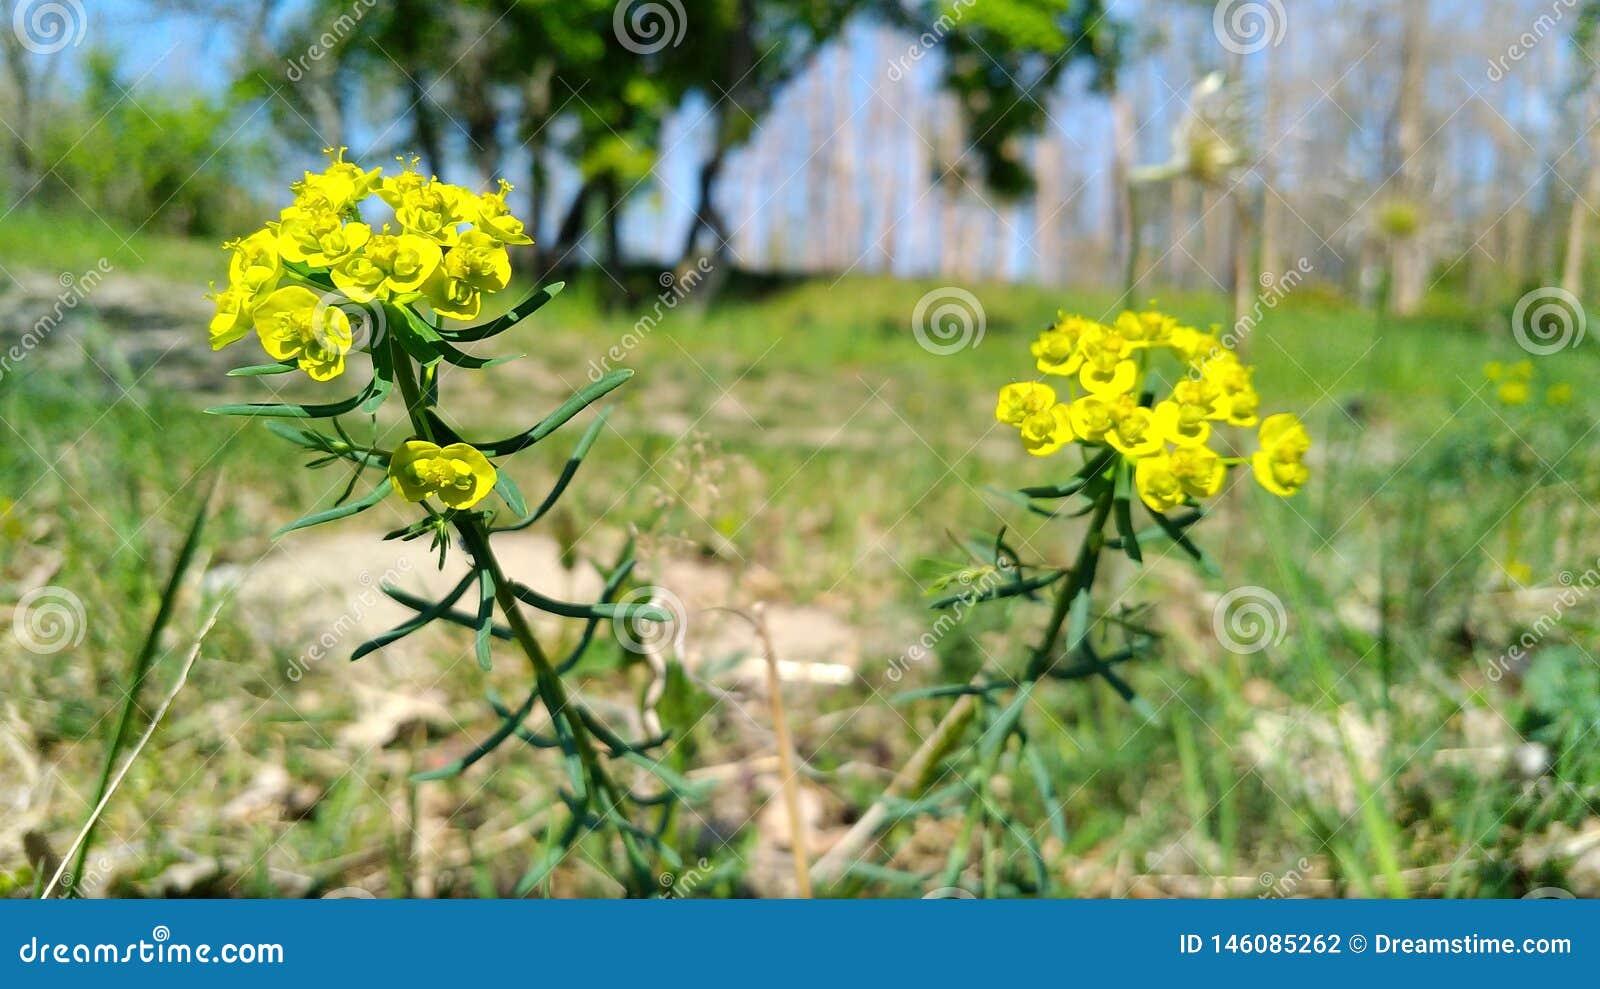 Frühling und sein Bestes mit gelber Blume